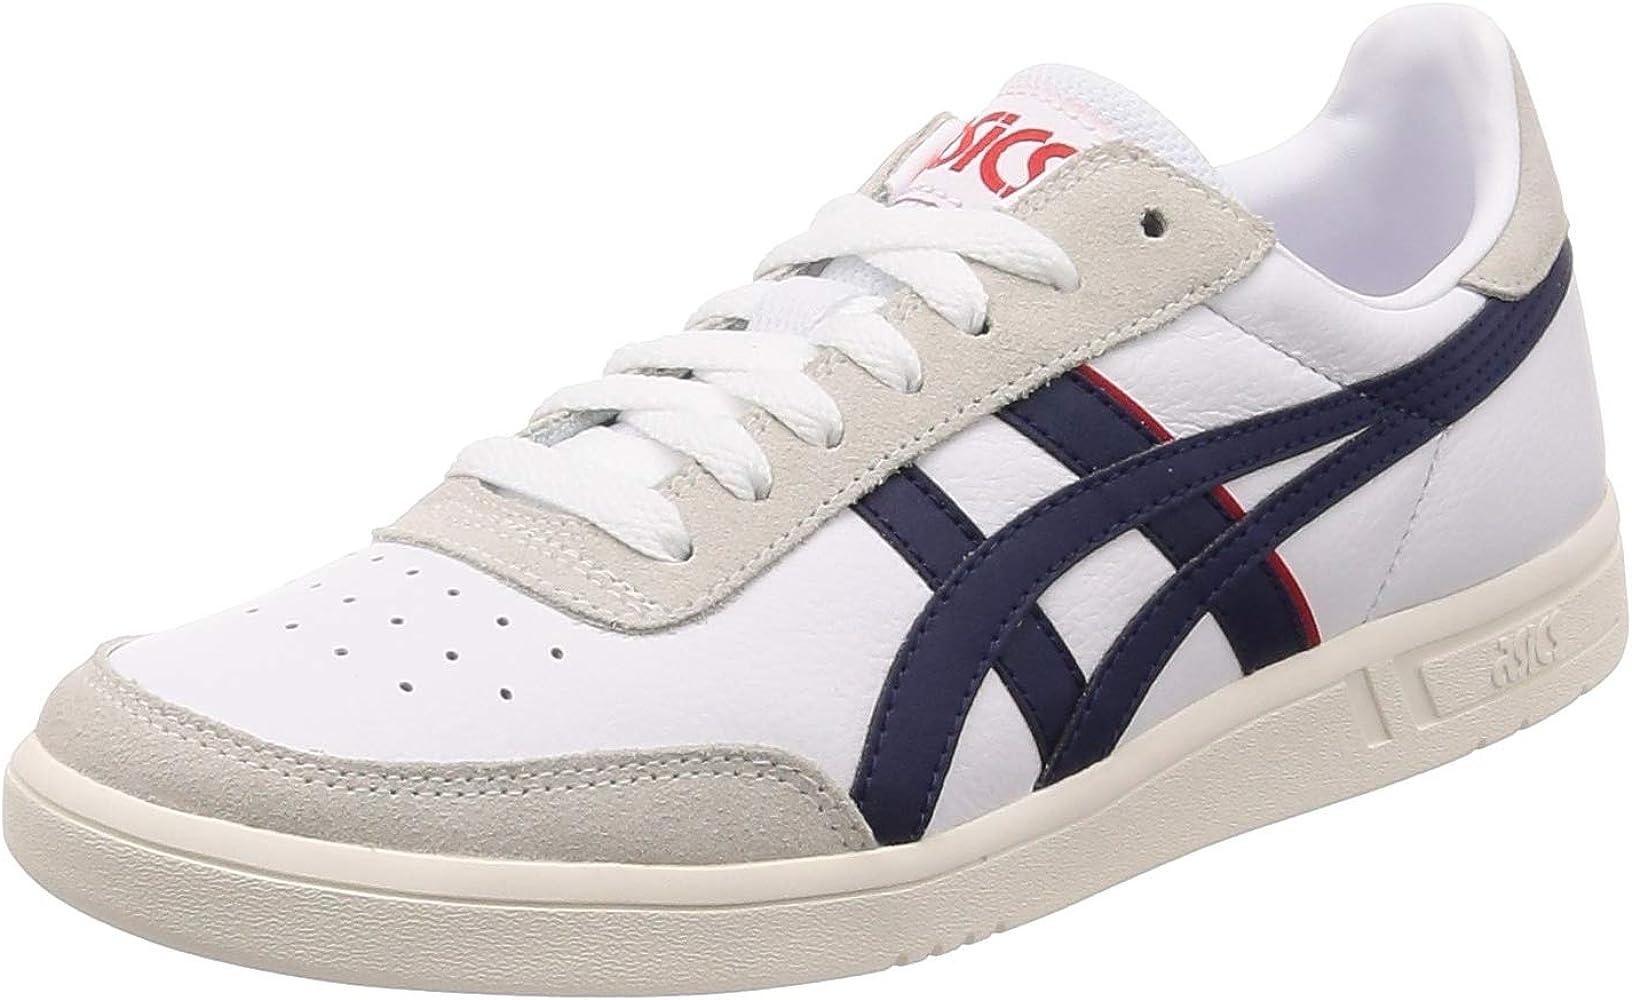 ASICS Gel Vikka, Men's Shoe